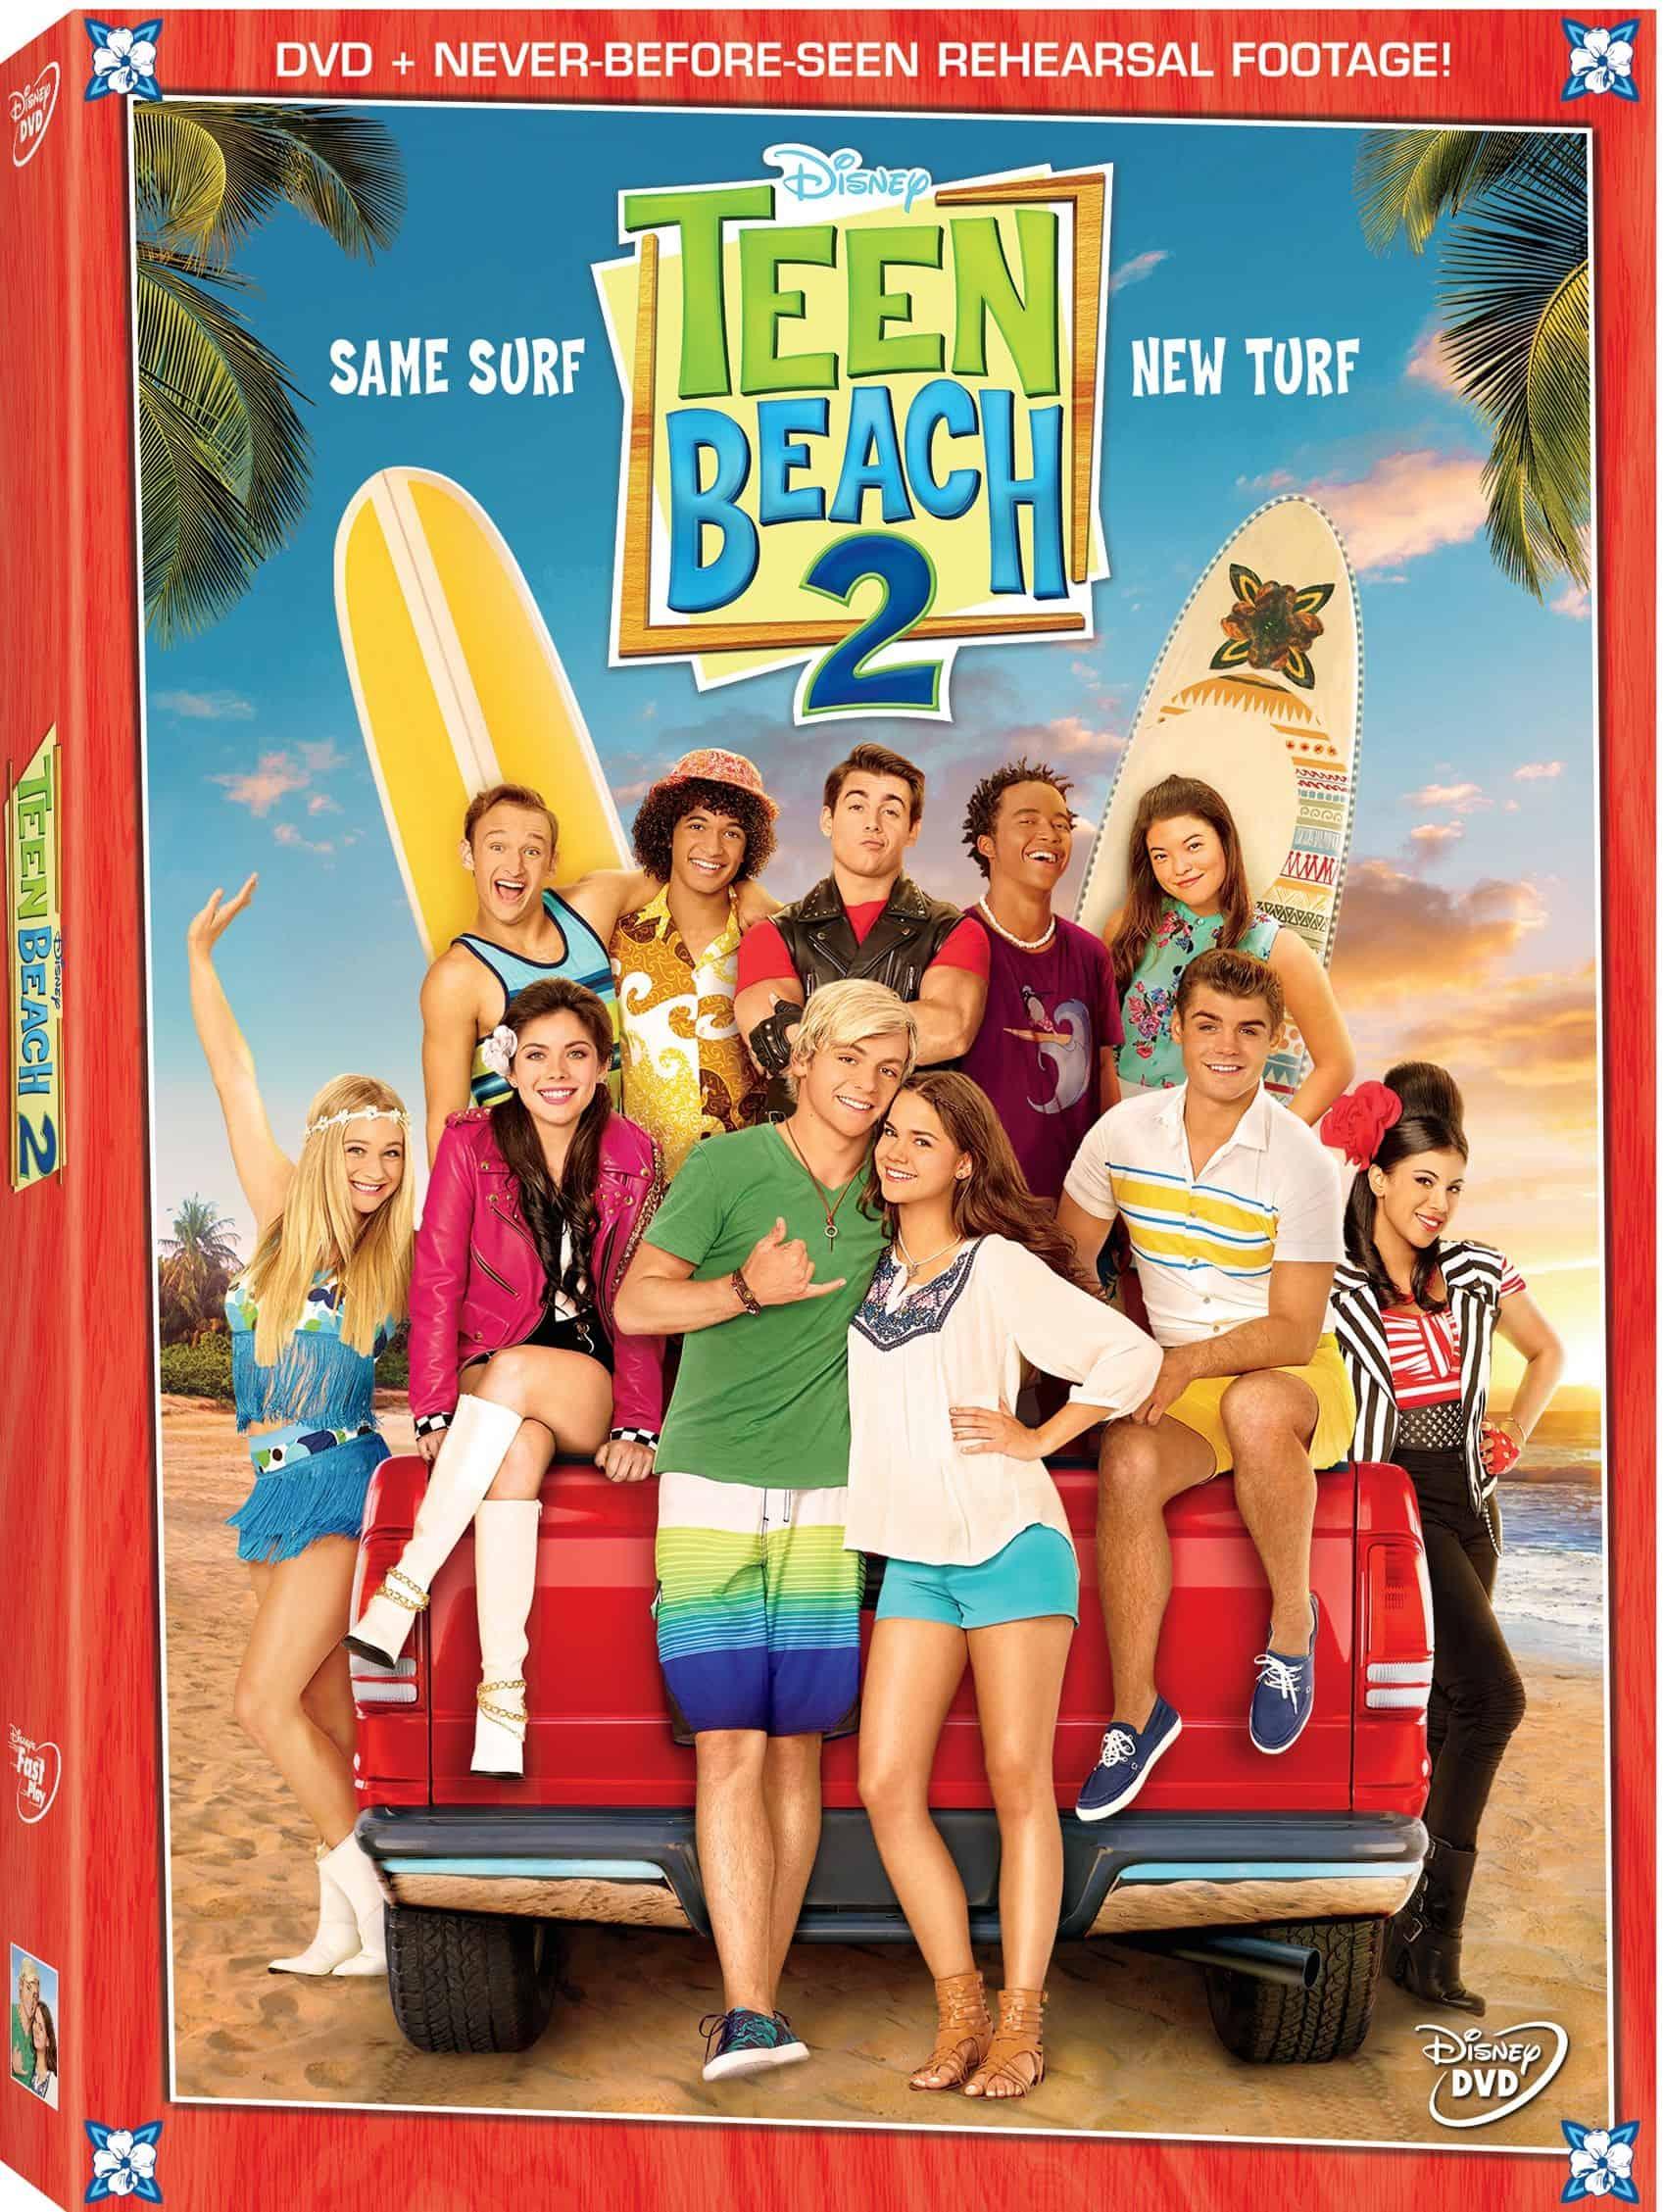 Teen Beach 2 Dvd Review